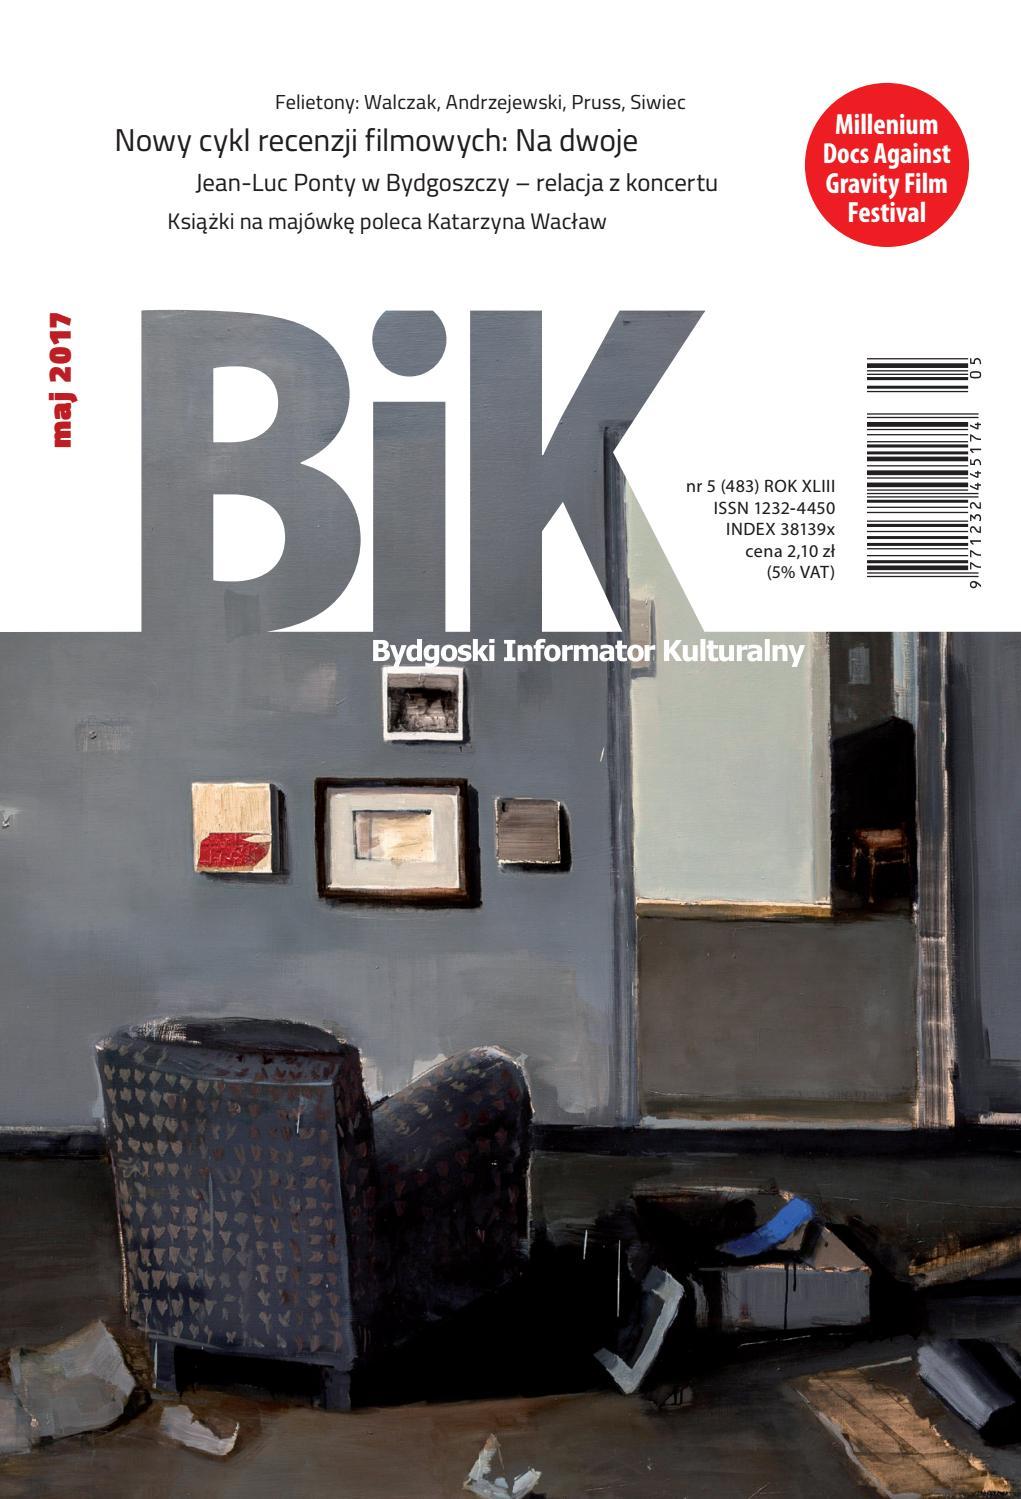 Bik 52017 By Miejskie Centrum Kultury W Bydgoszczy Issuu